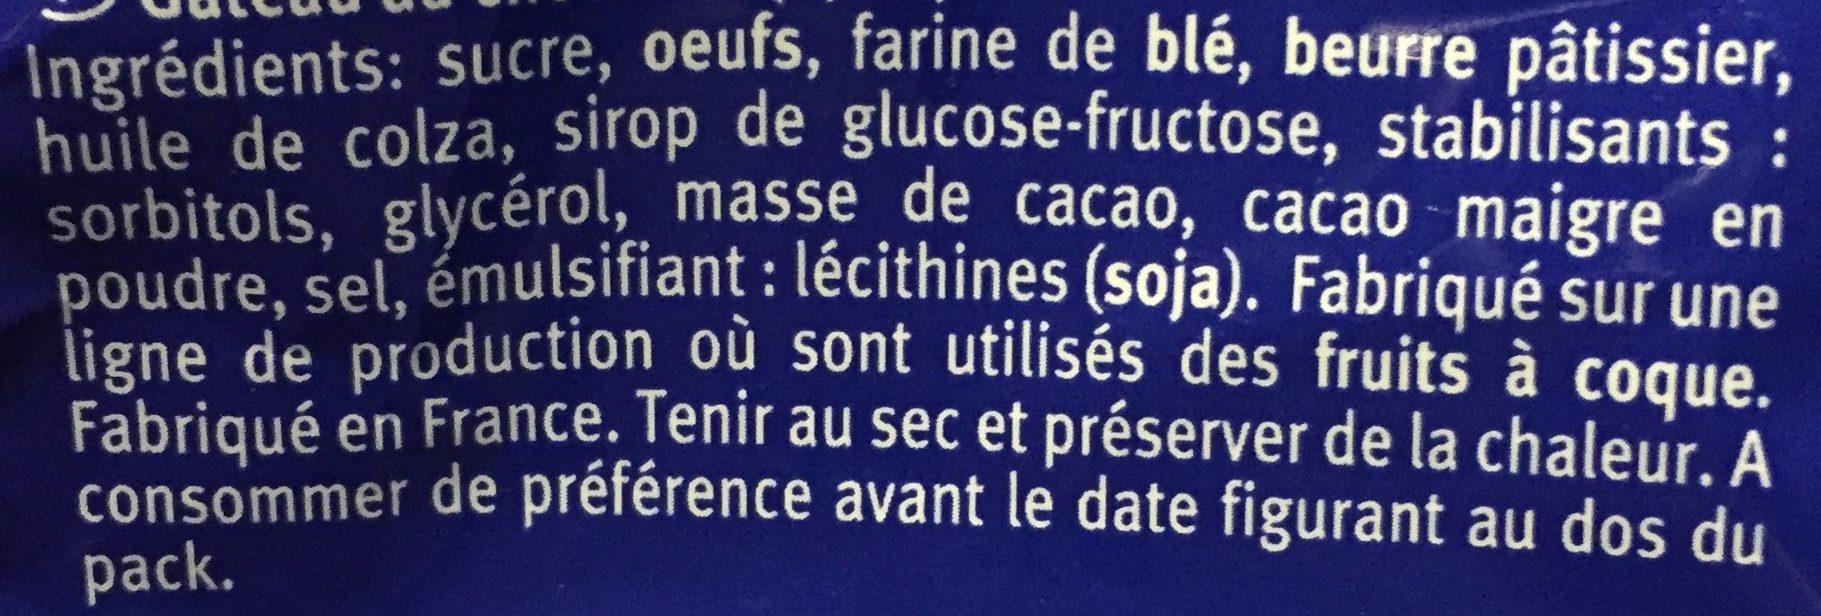 Brownies au chocolat - Ingrediënten